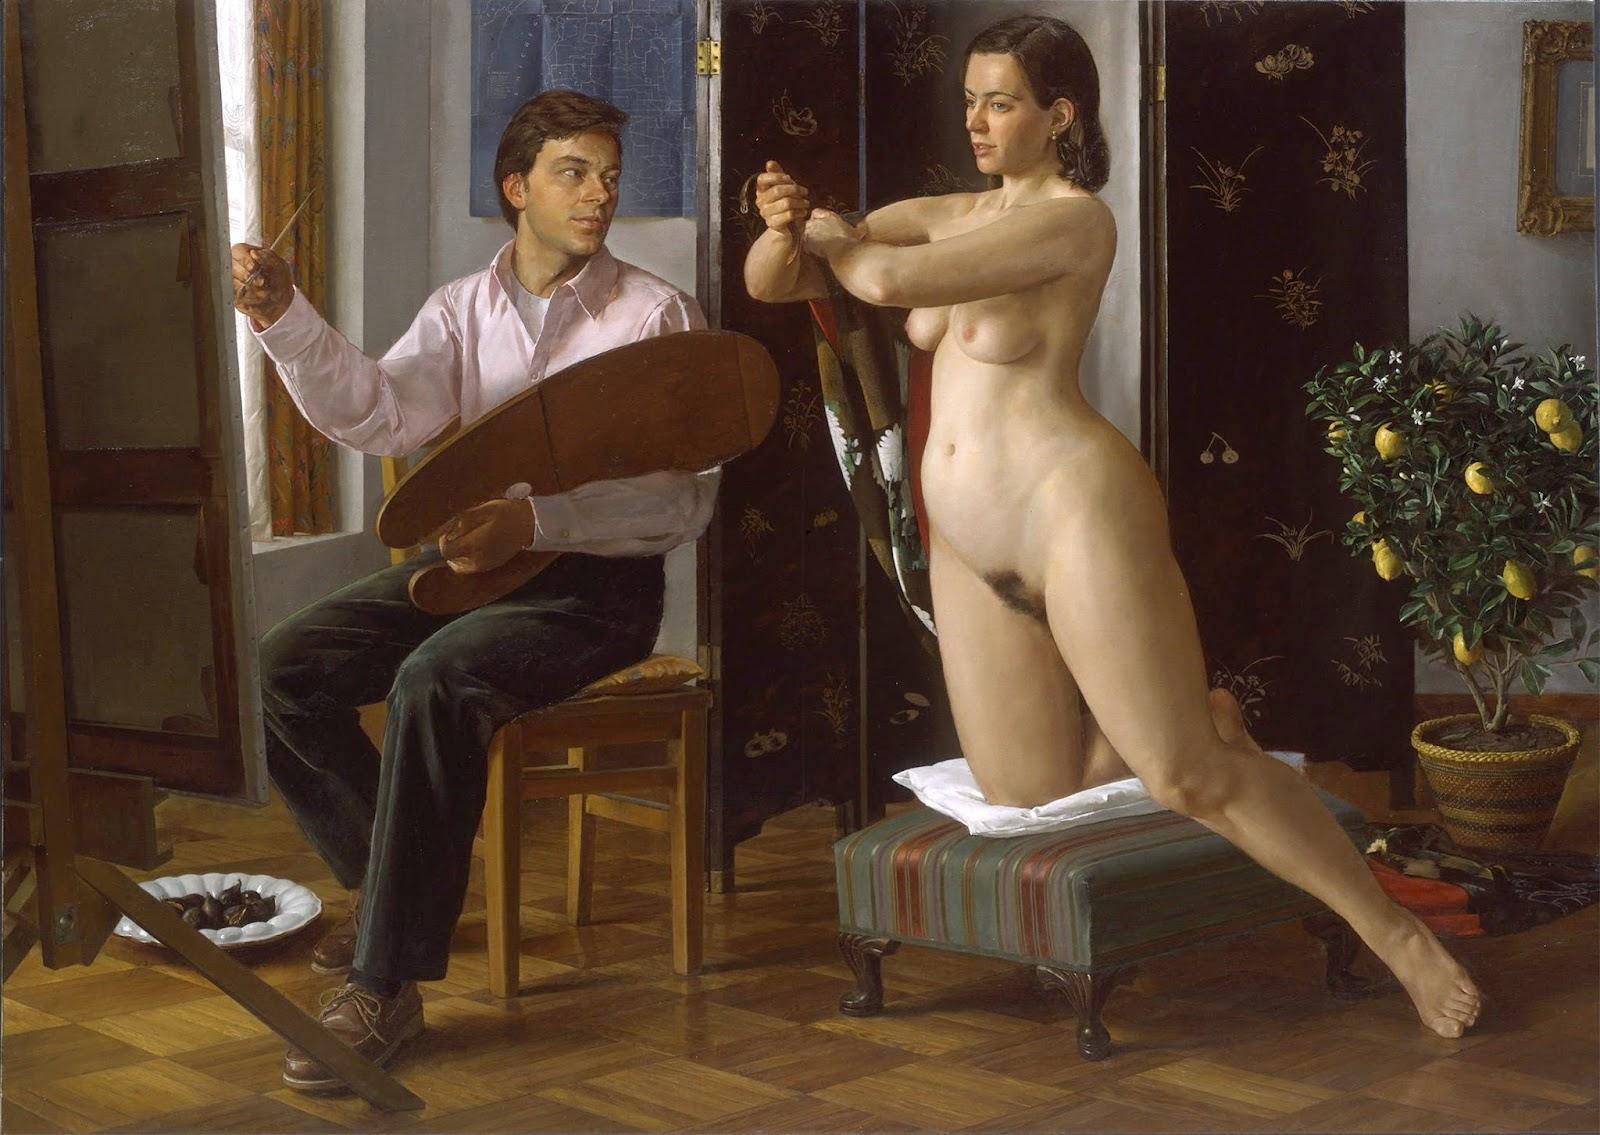 Художница рисует голого мужика, Дочь художница рисует с натуры папин член, сосёт его 3 фотография